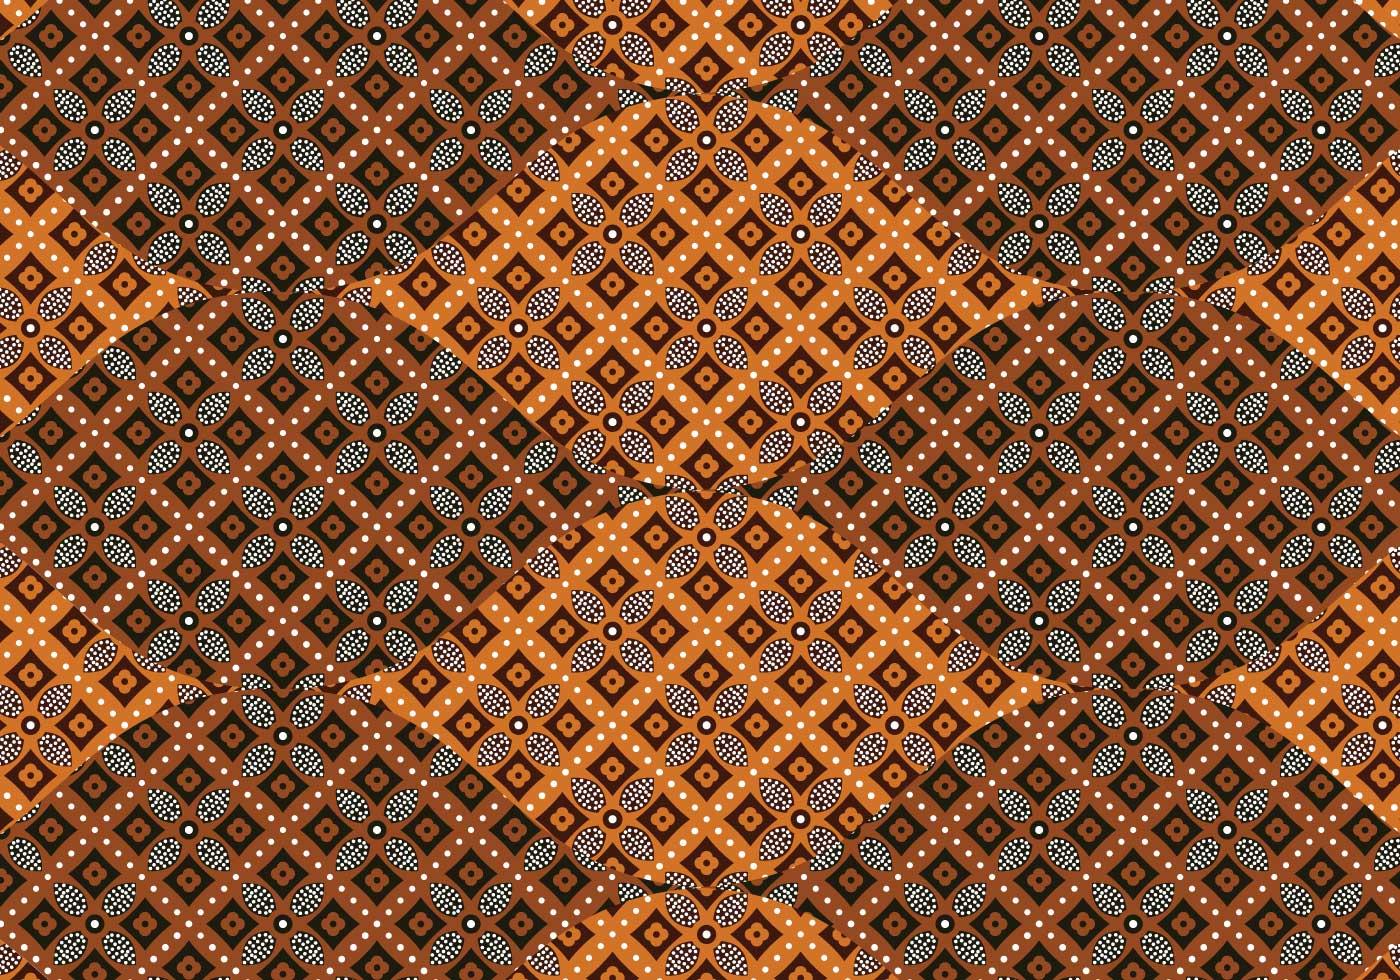 Batik Background Vector - Download Free Vector Art, Stock